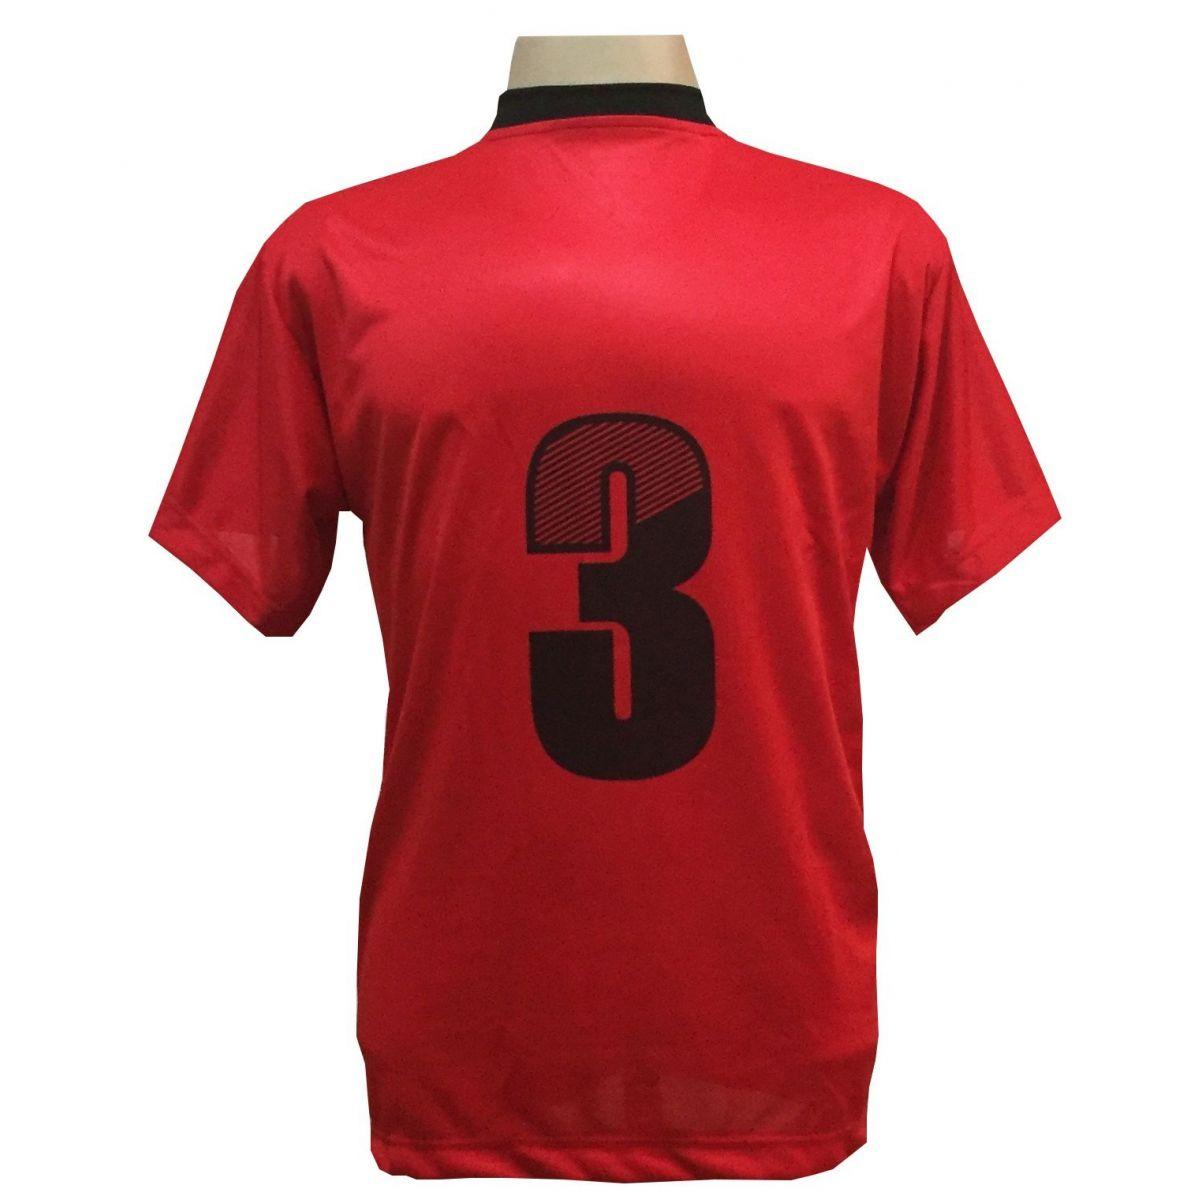 Jogo de Camisa com 12 unidades modelo Roma Vermelho/Preto + Brindes